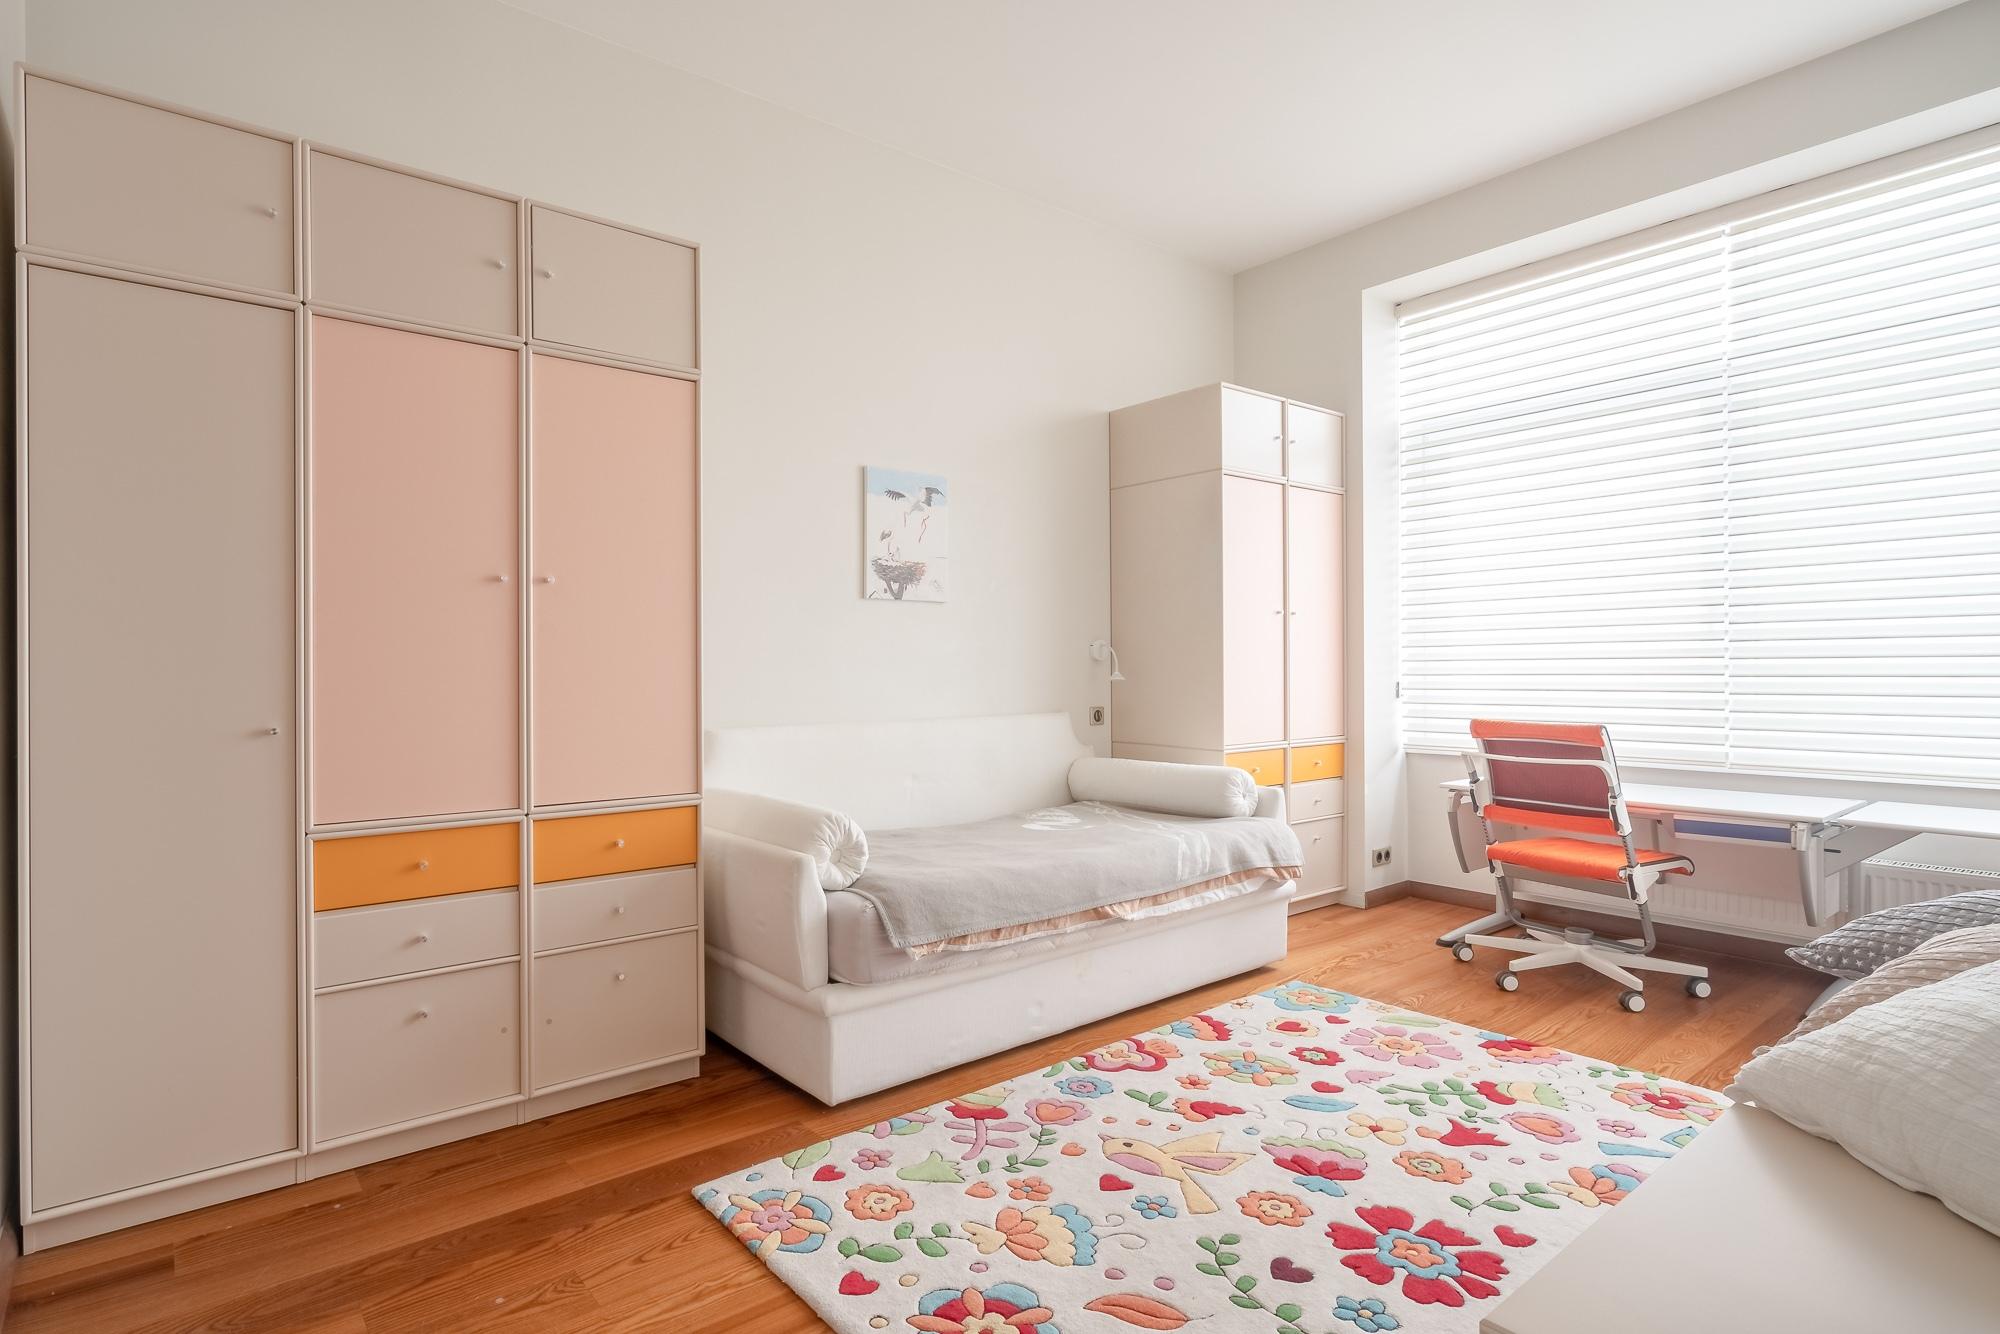 Интерьерная фотография комнаты